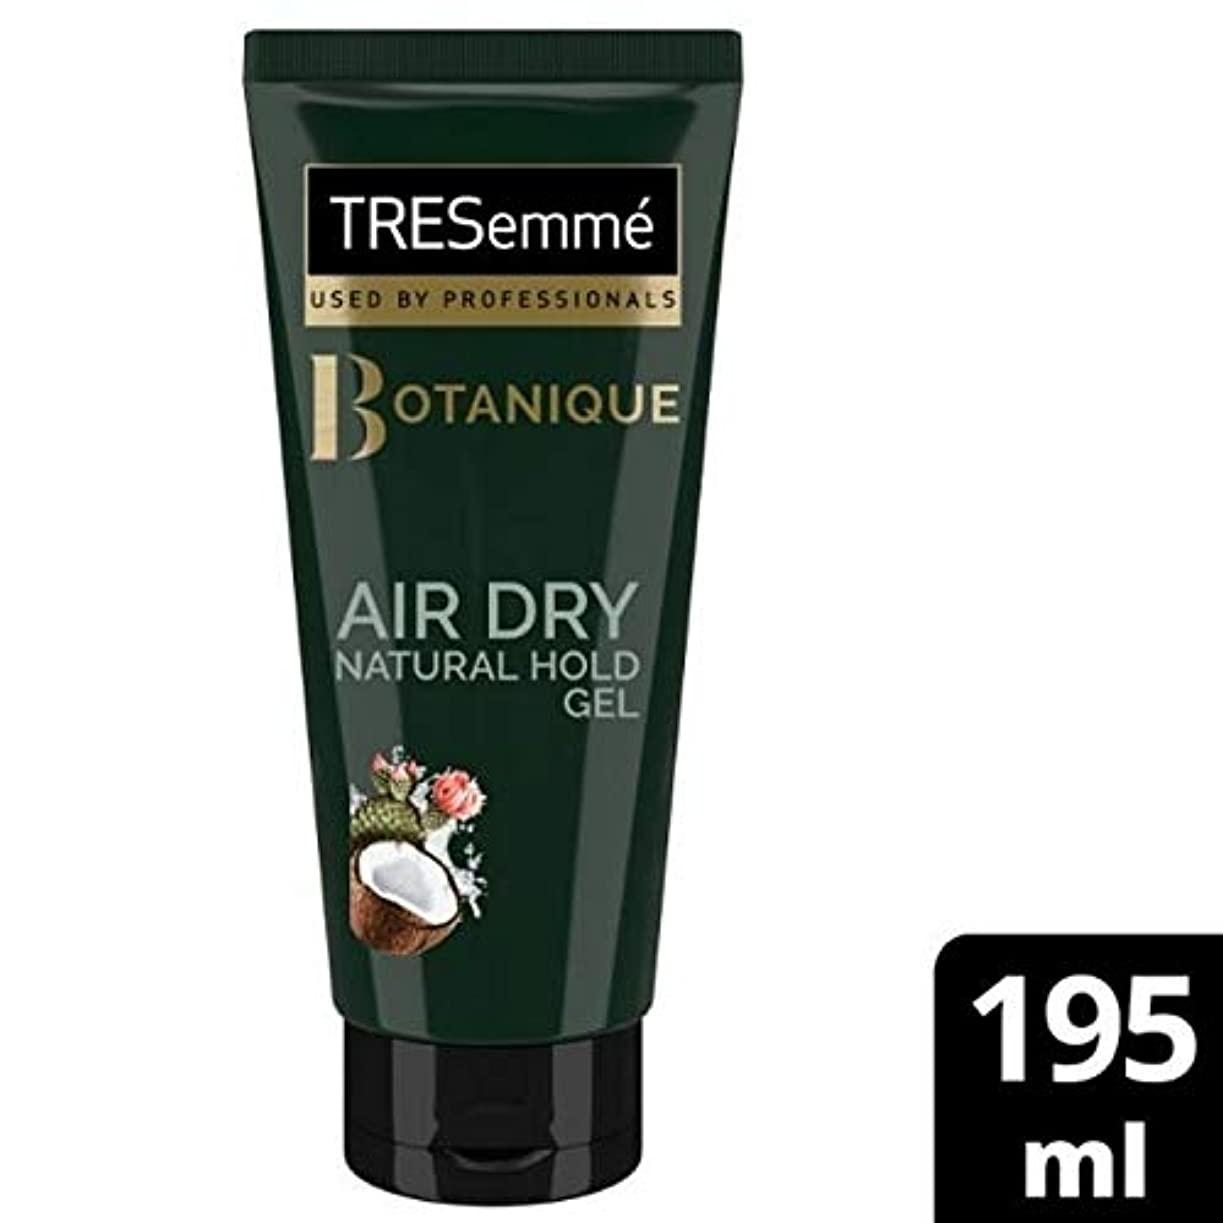 対応するトラクターホーム[Tresemme] Tresemme空気乾燥天然ホールドゲル195ミリリットル - TRESemme Air Dry Natural Hold Gel 195ml [並行輸入品]